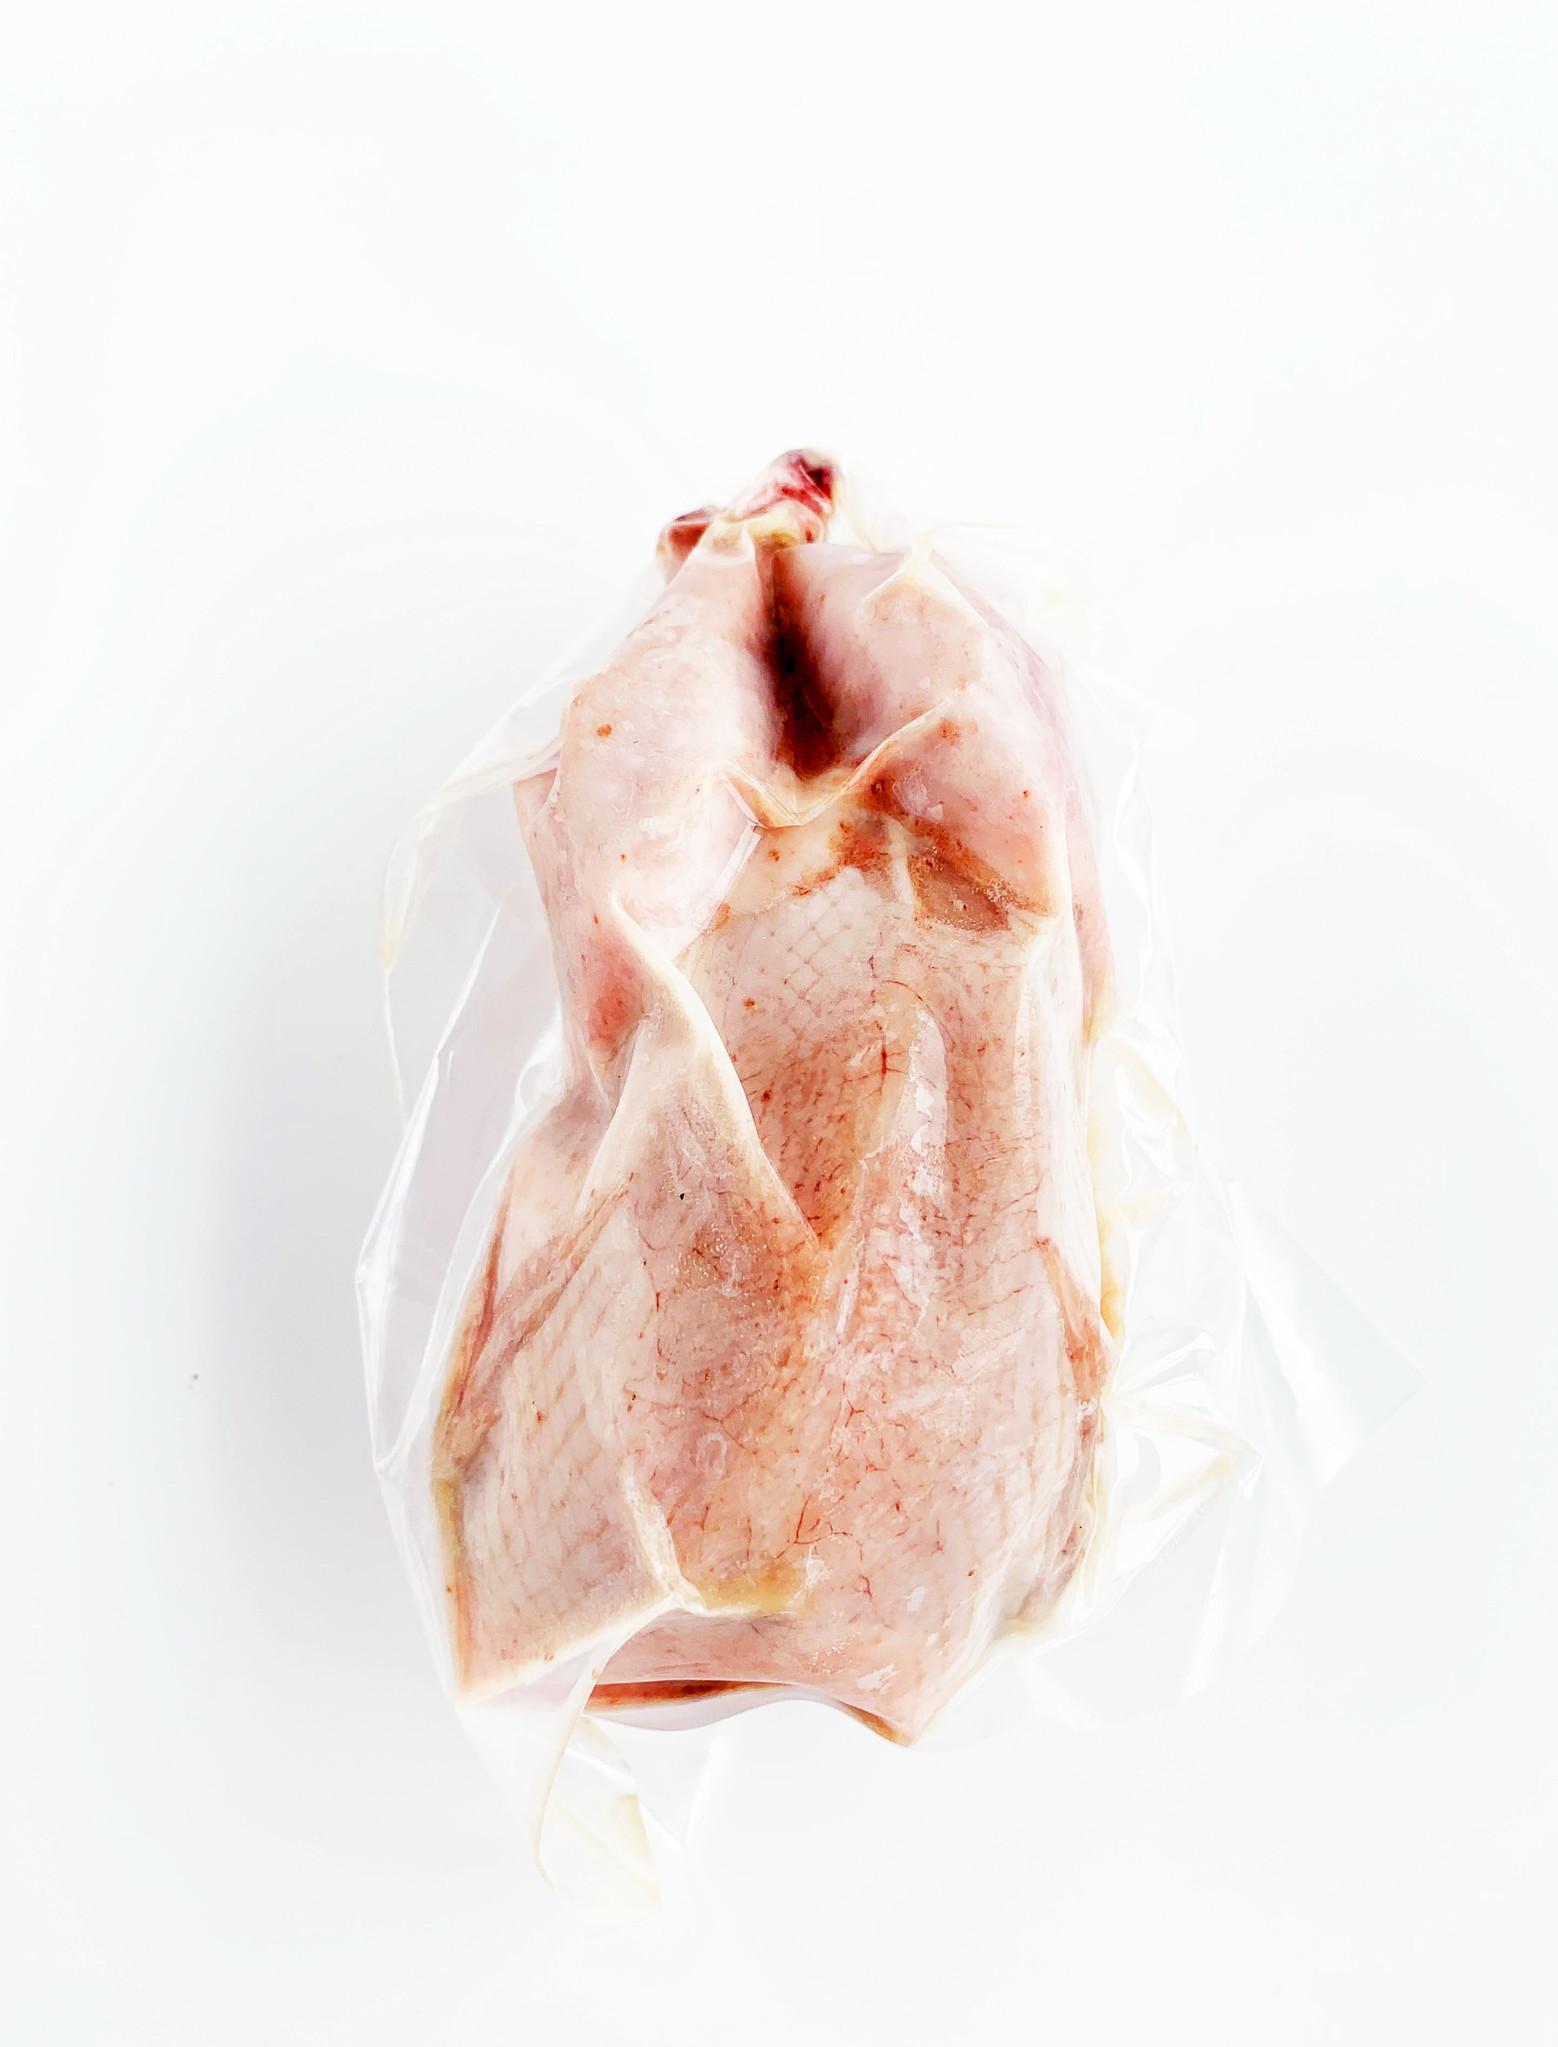 Caille farcie au foie de volaille, au porto, à l'érable, à la pomme & aux noix de Grenoble